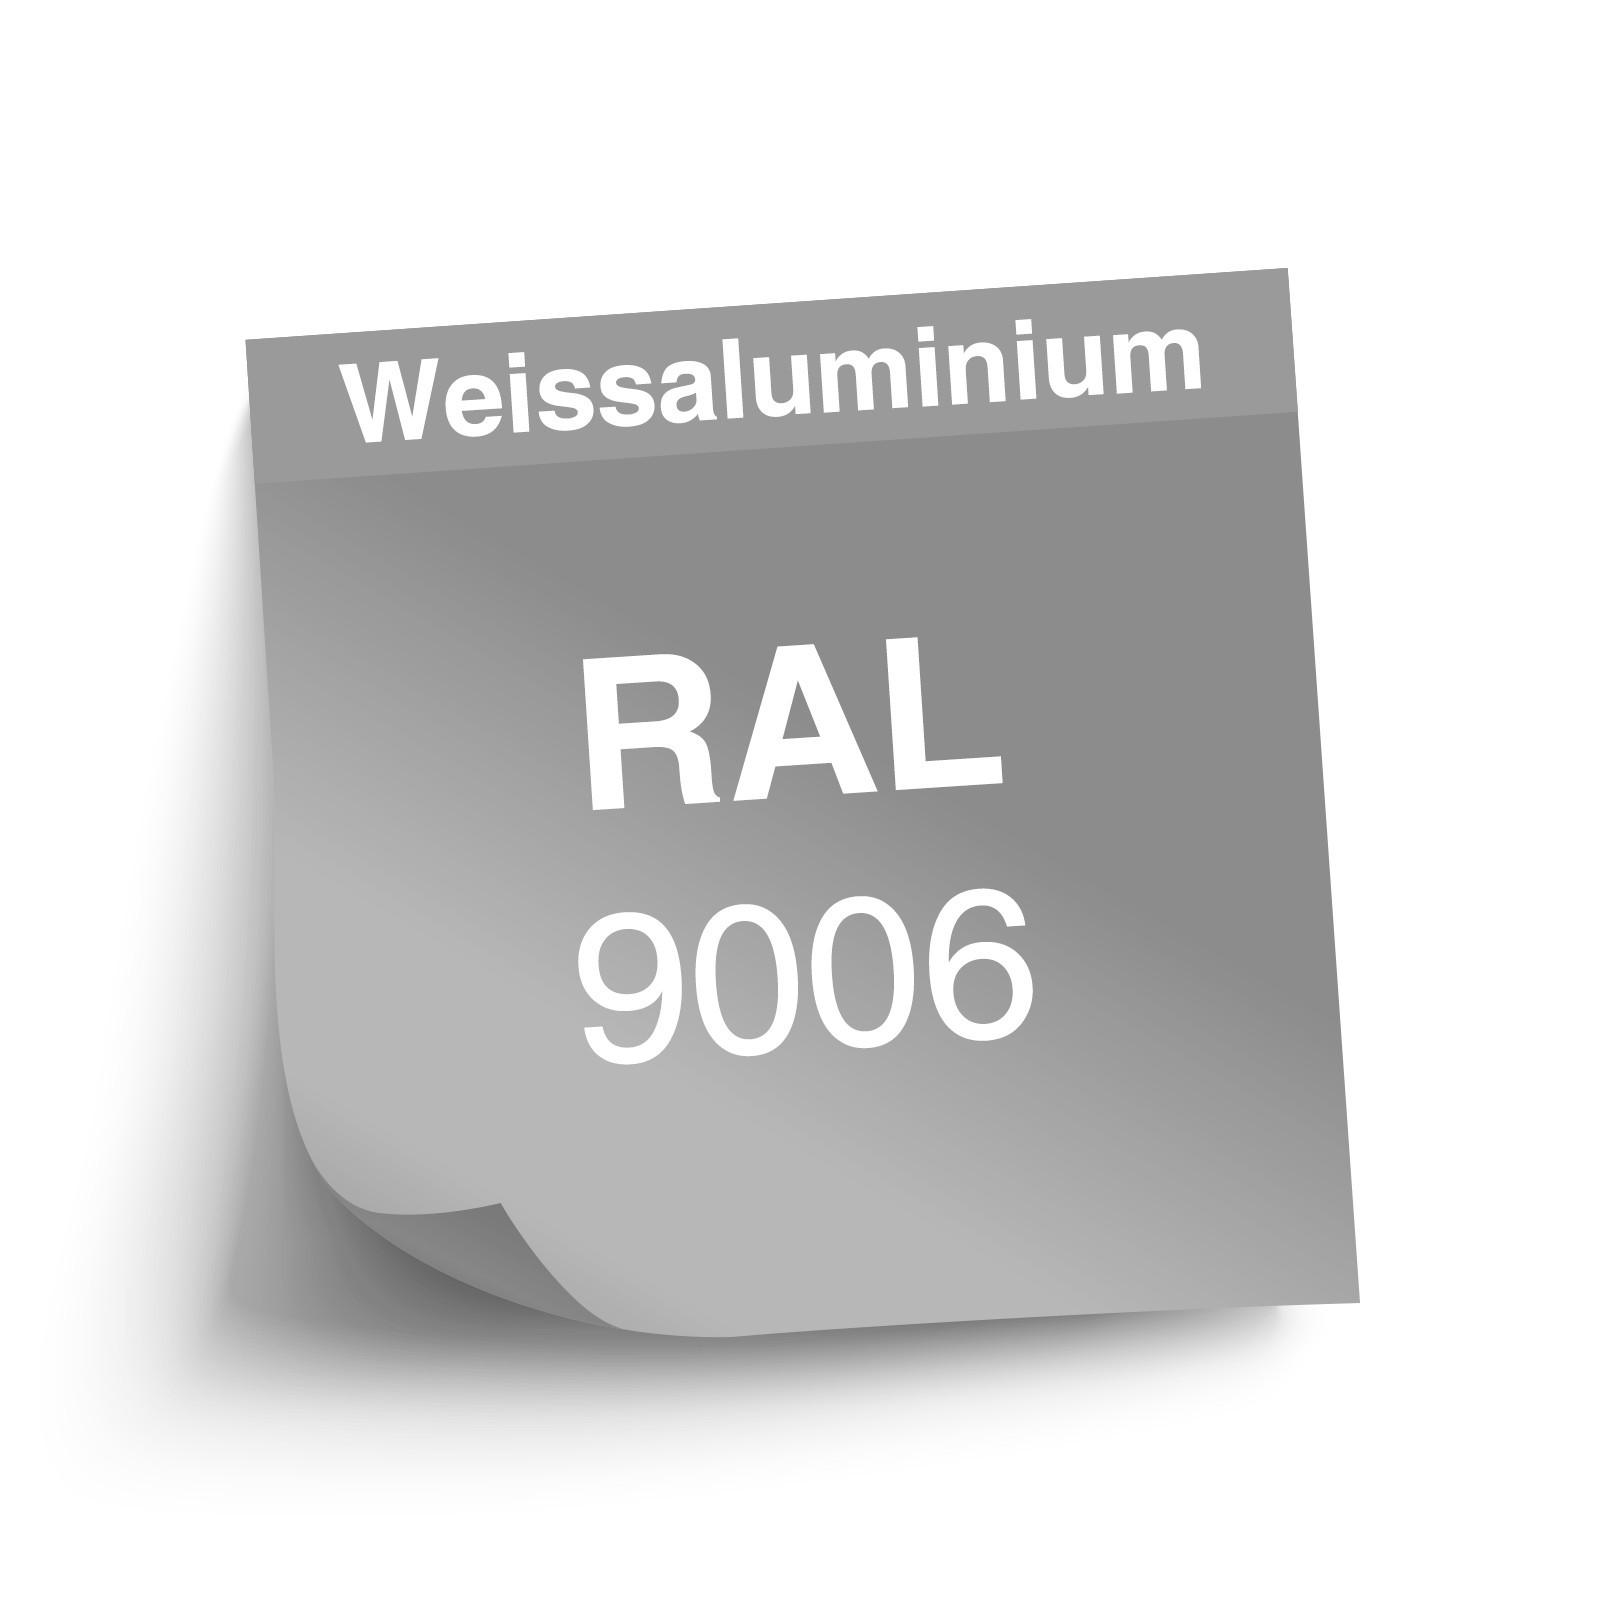 ADB Betriebseinrichtungen ADB Lochwand Halterung für Lagersichtkasten Größe 6, 7 & 8 var-ADB-Lagersichtkastenhalter